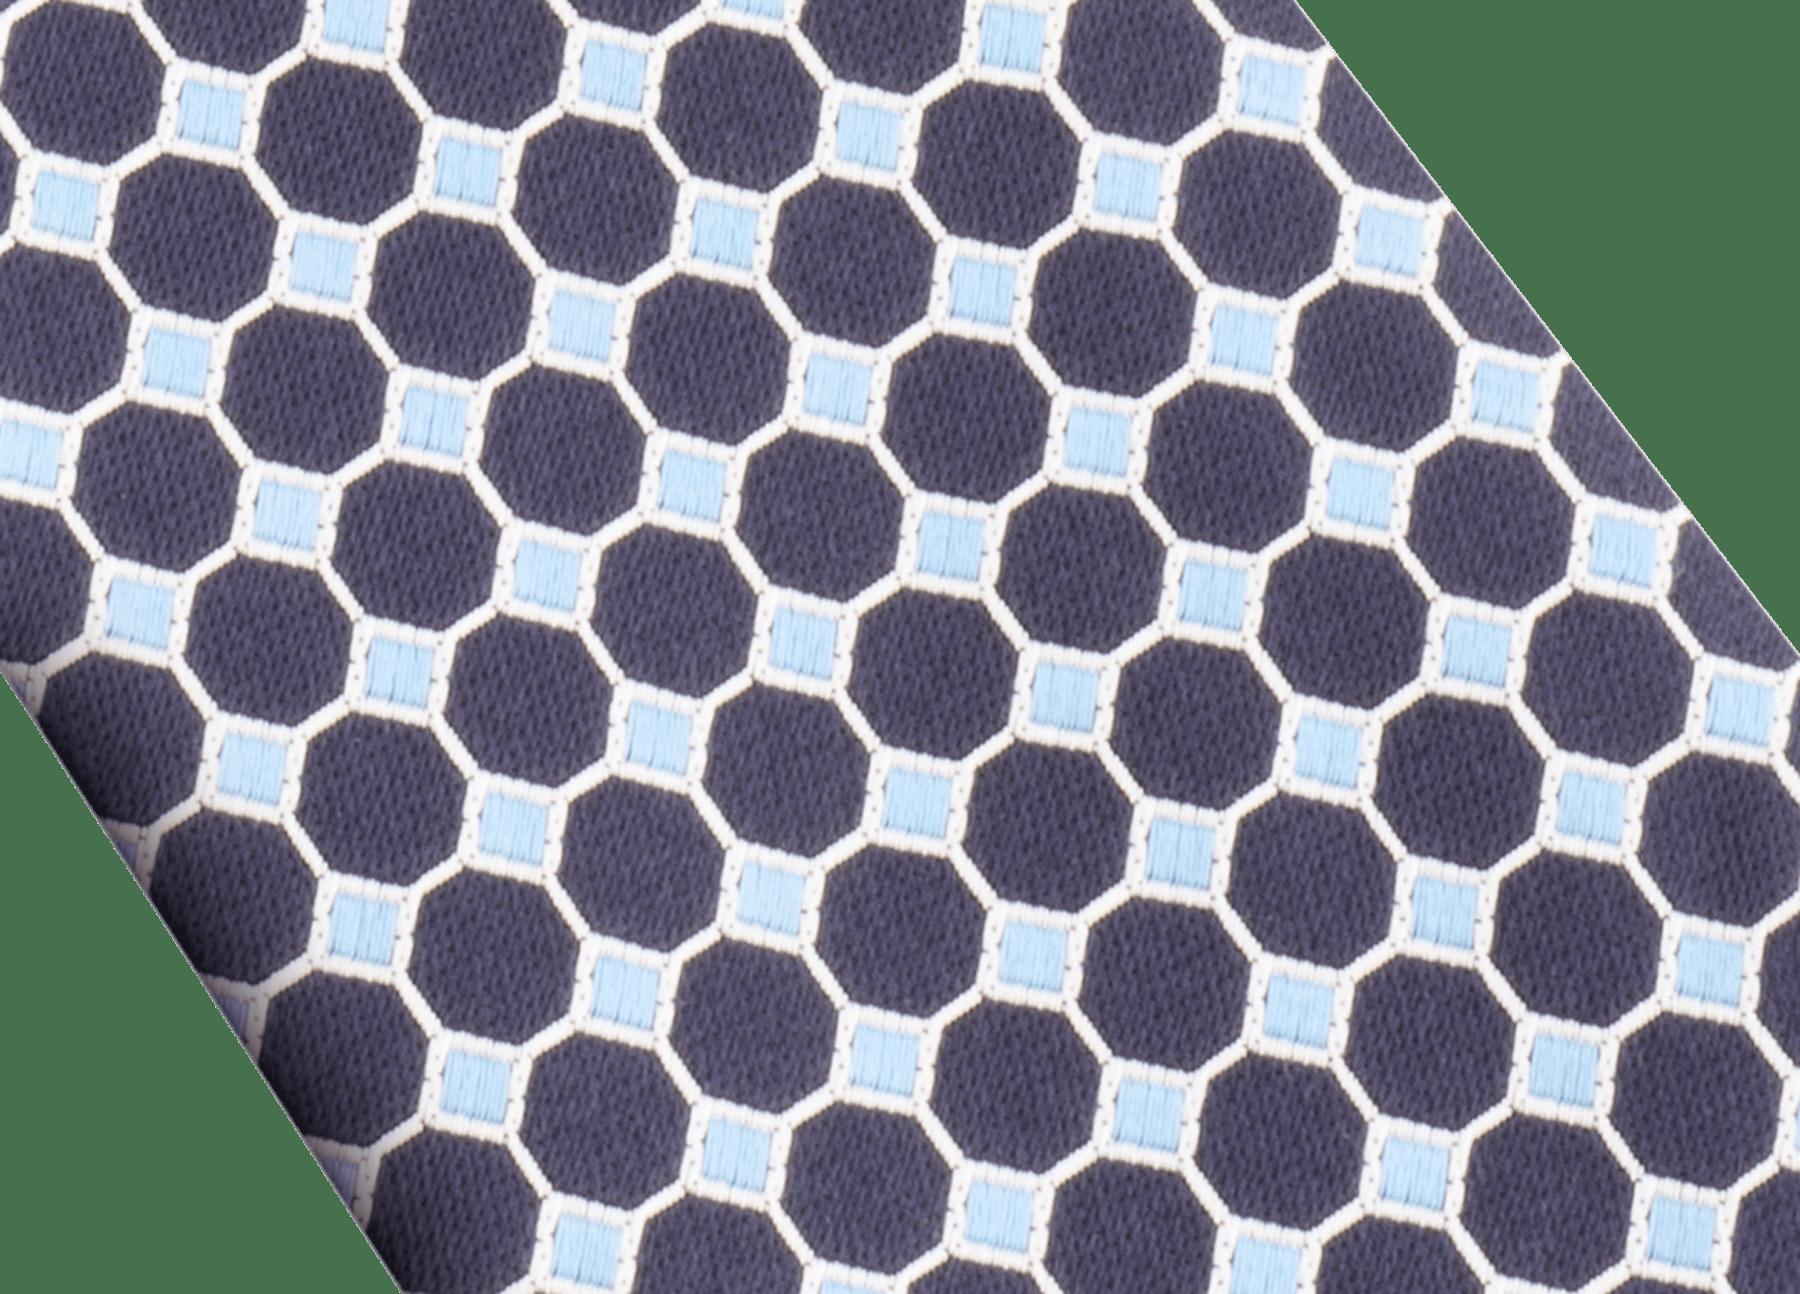 「Double Logo Octo」柄があしらわれたネイビーのタイ。上質なシルク製。 244140 image 2